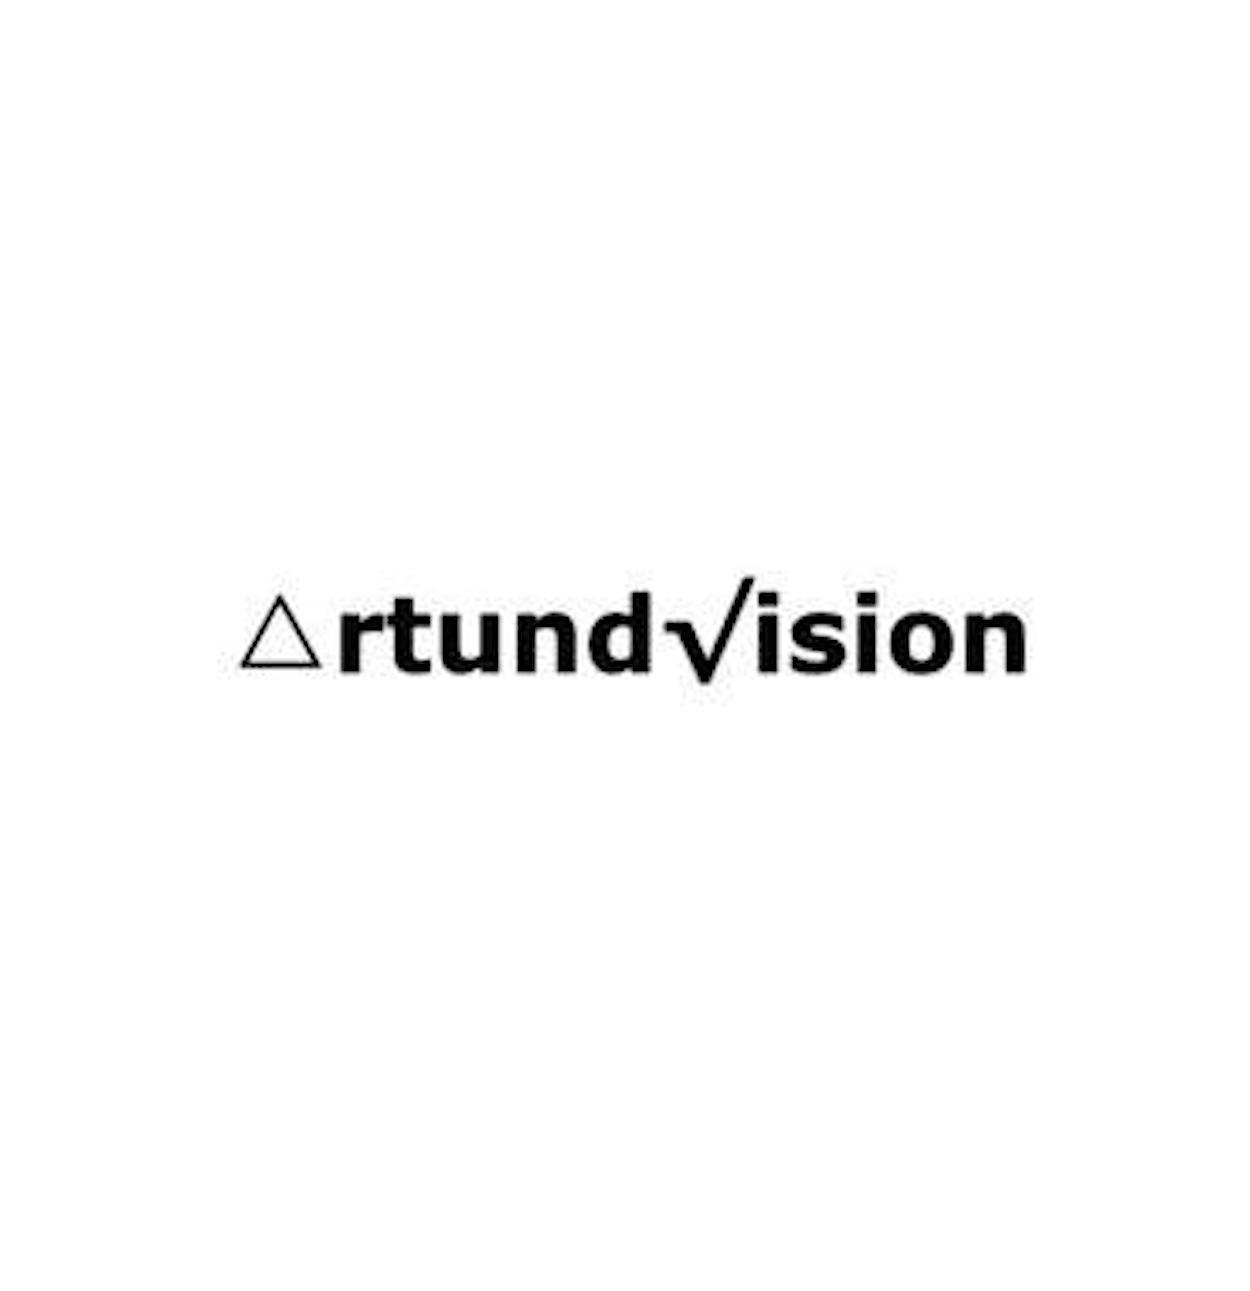 Avatar - Artundvision